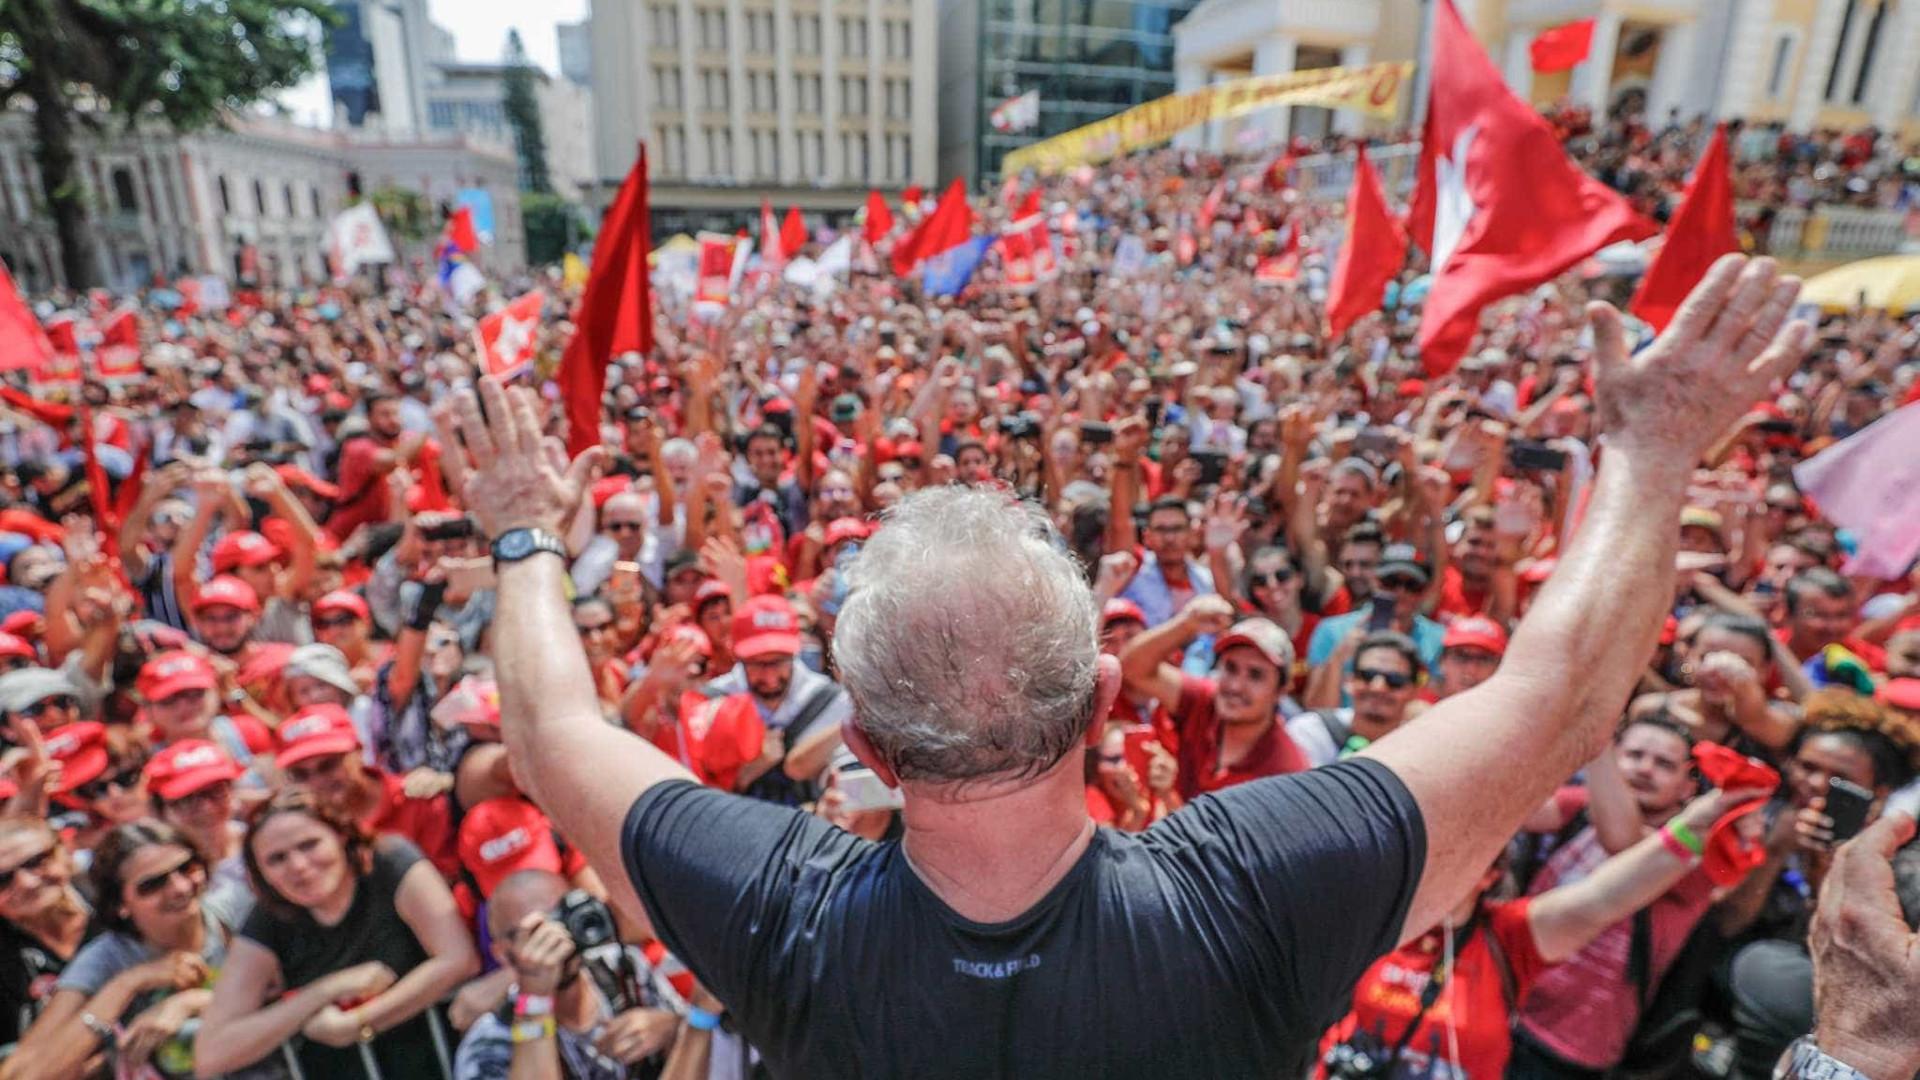 Se Lula for candidato, intervenção será única alternativa, diz general